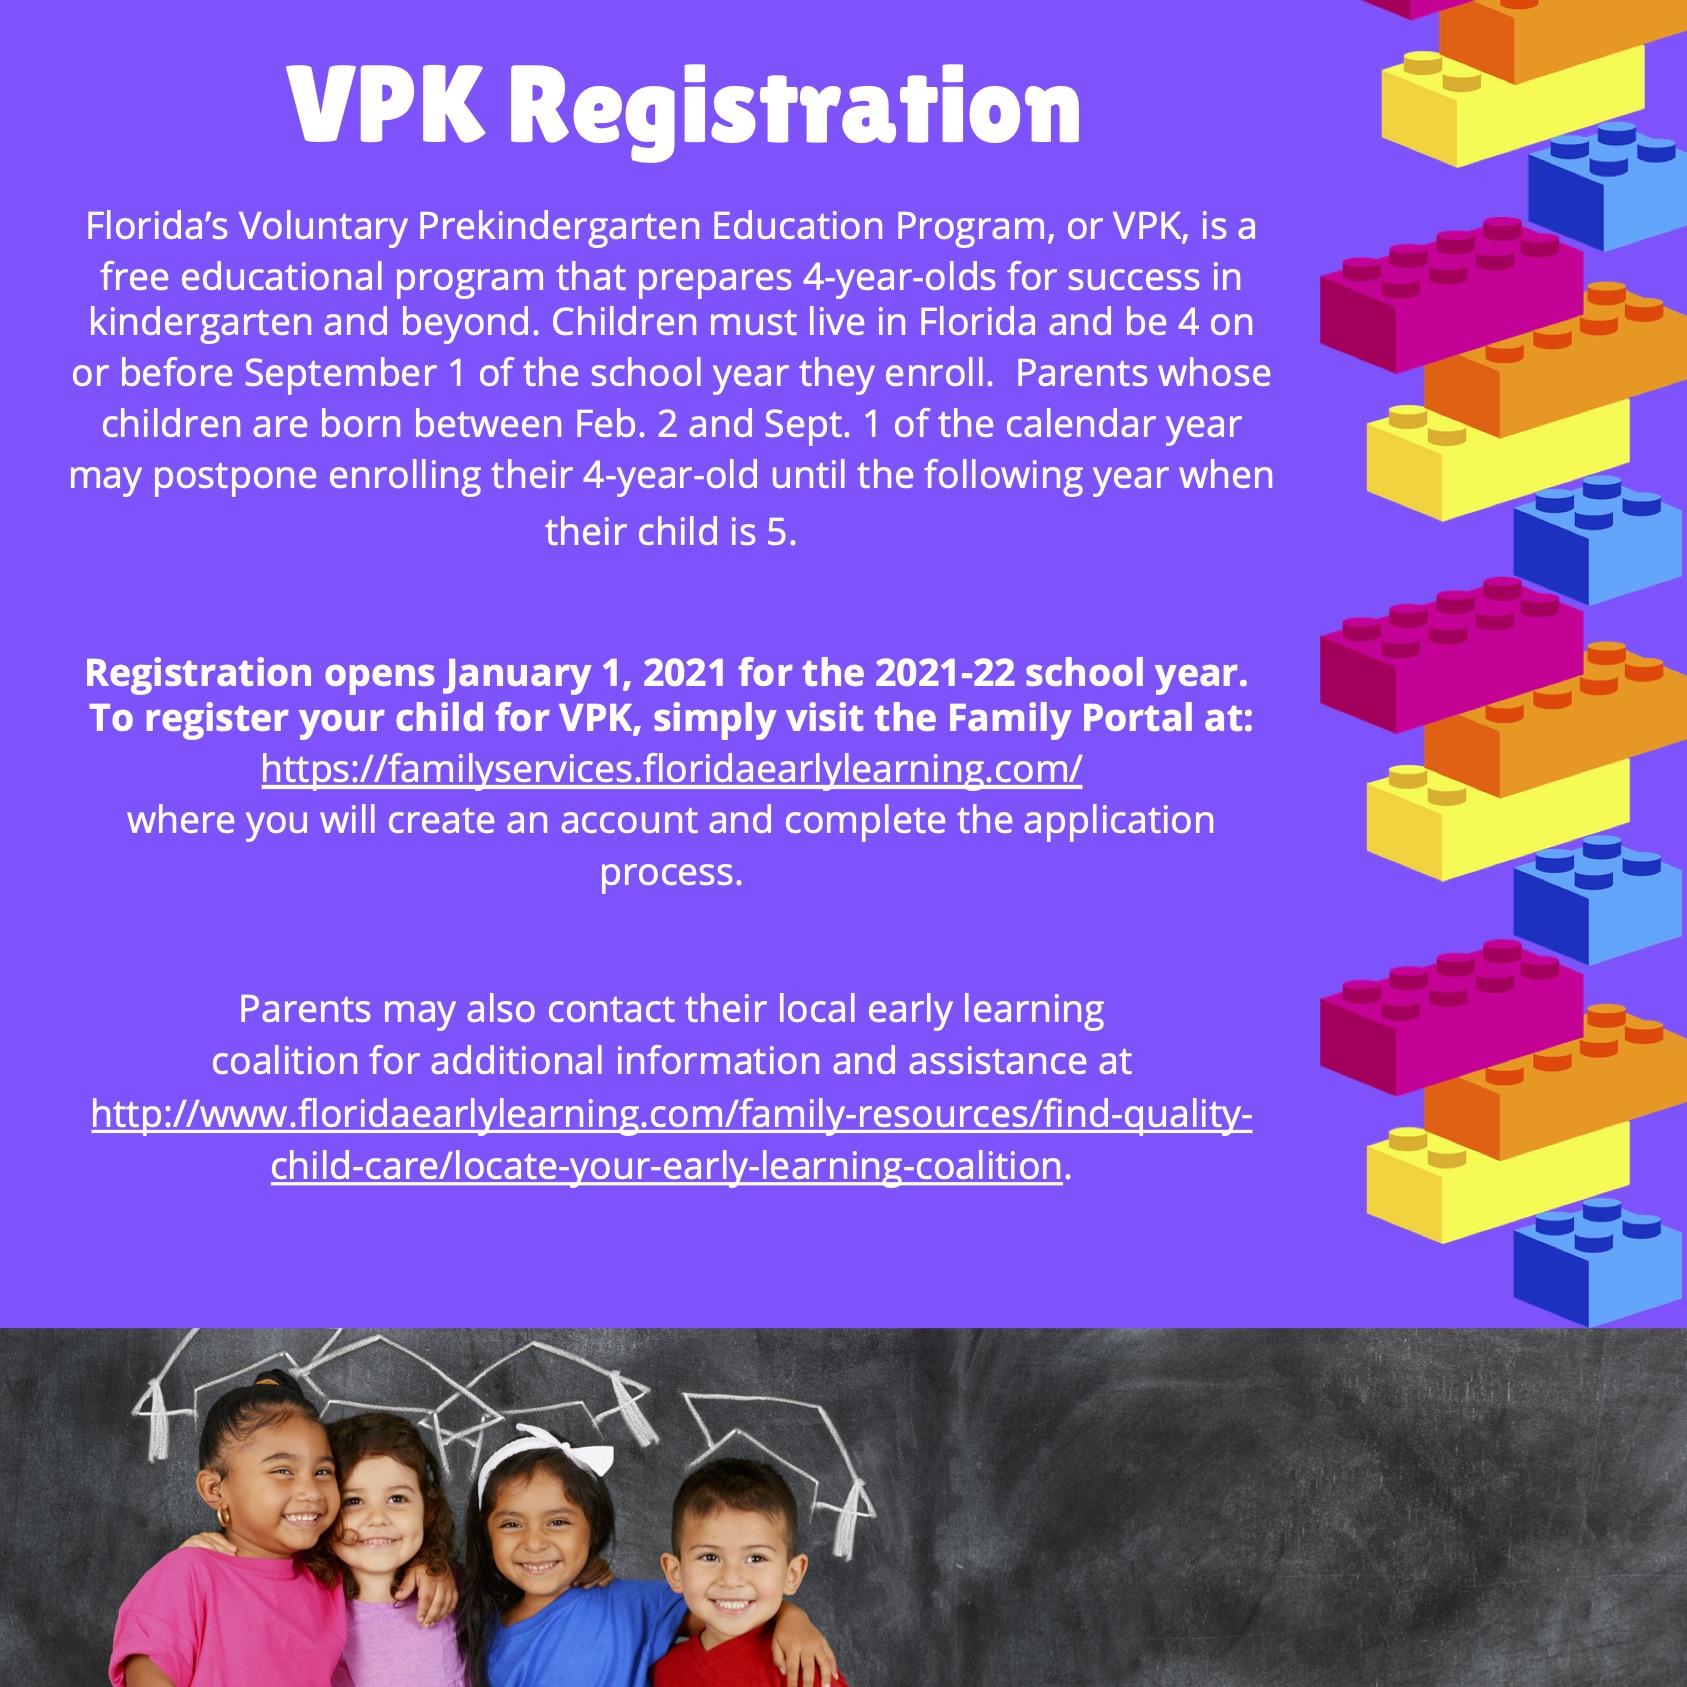 VPK Registration Flyer